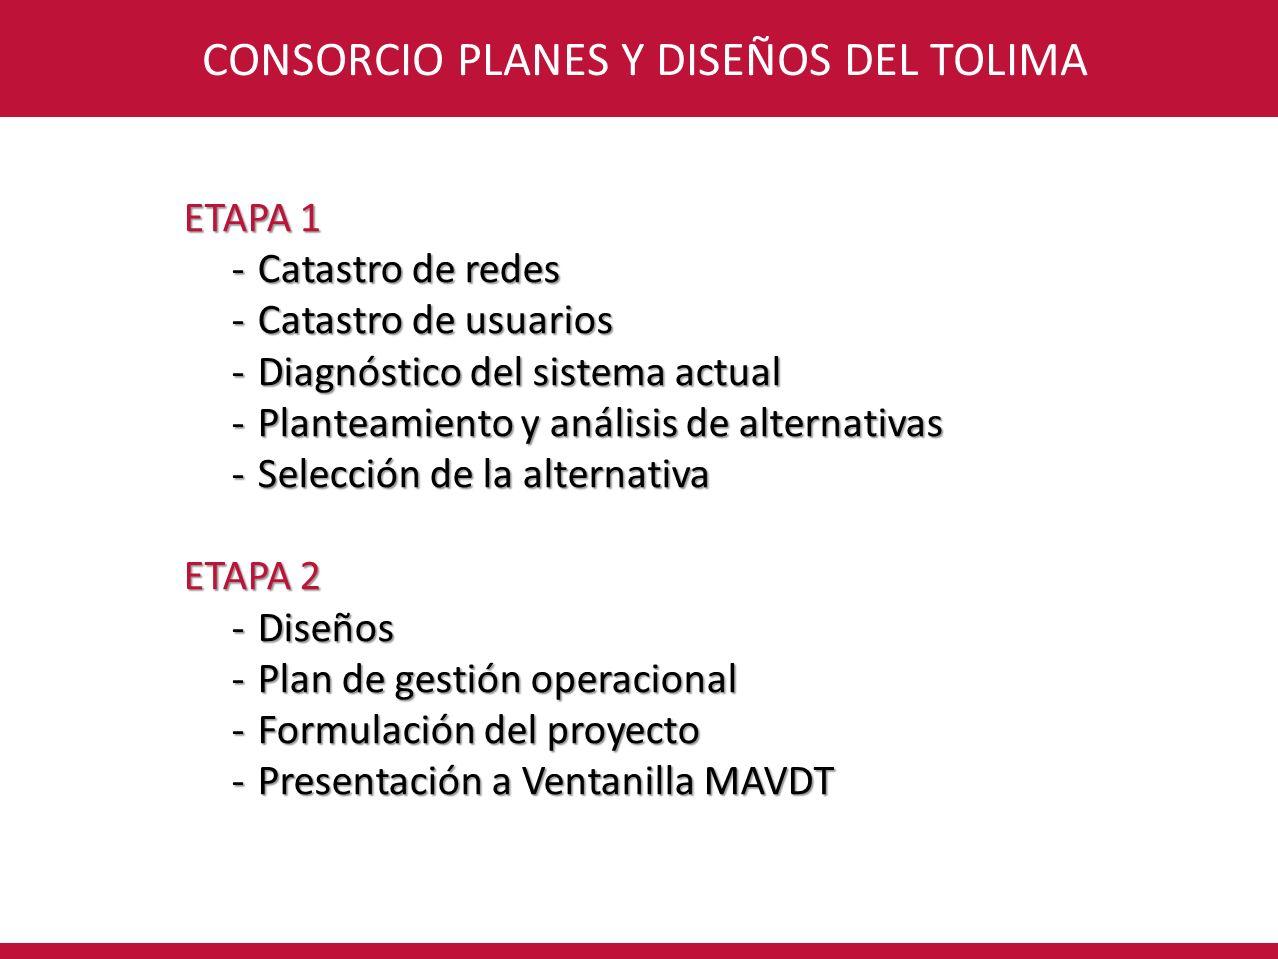 CONSORCIO PLANES Y DISEÑOS DEL TOLIMA